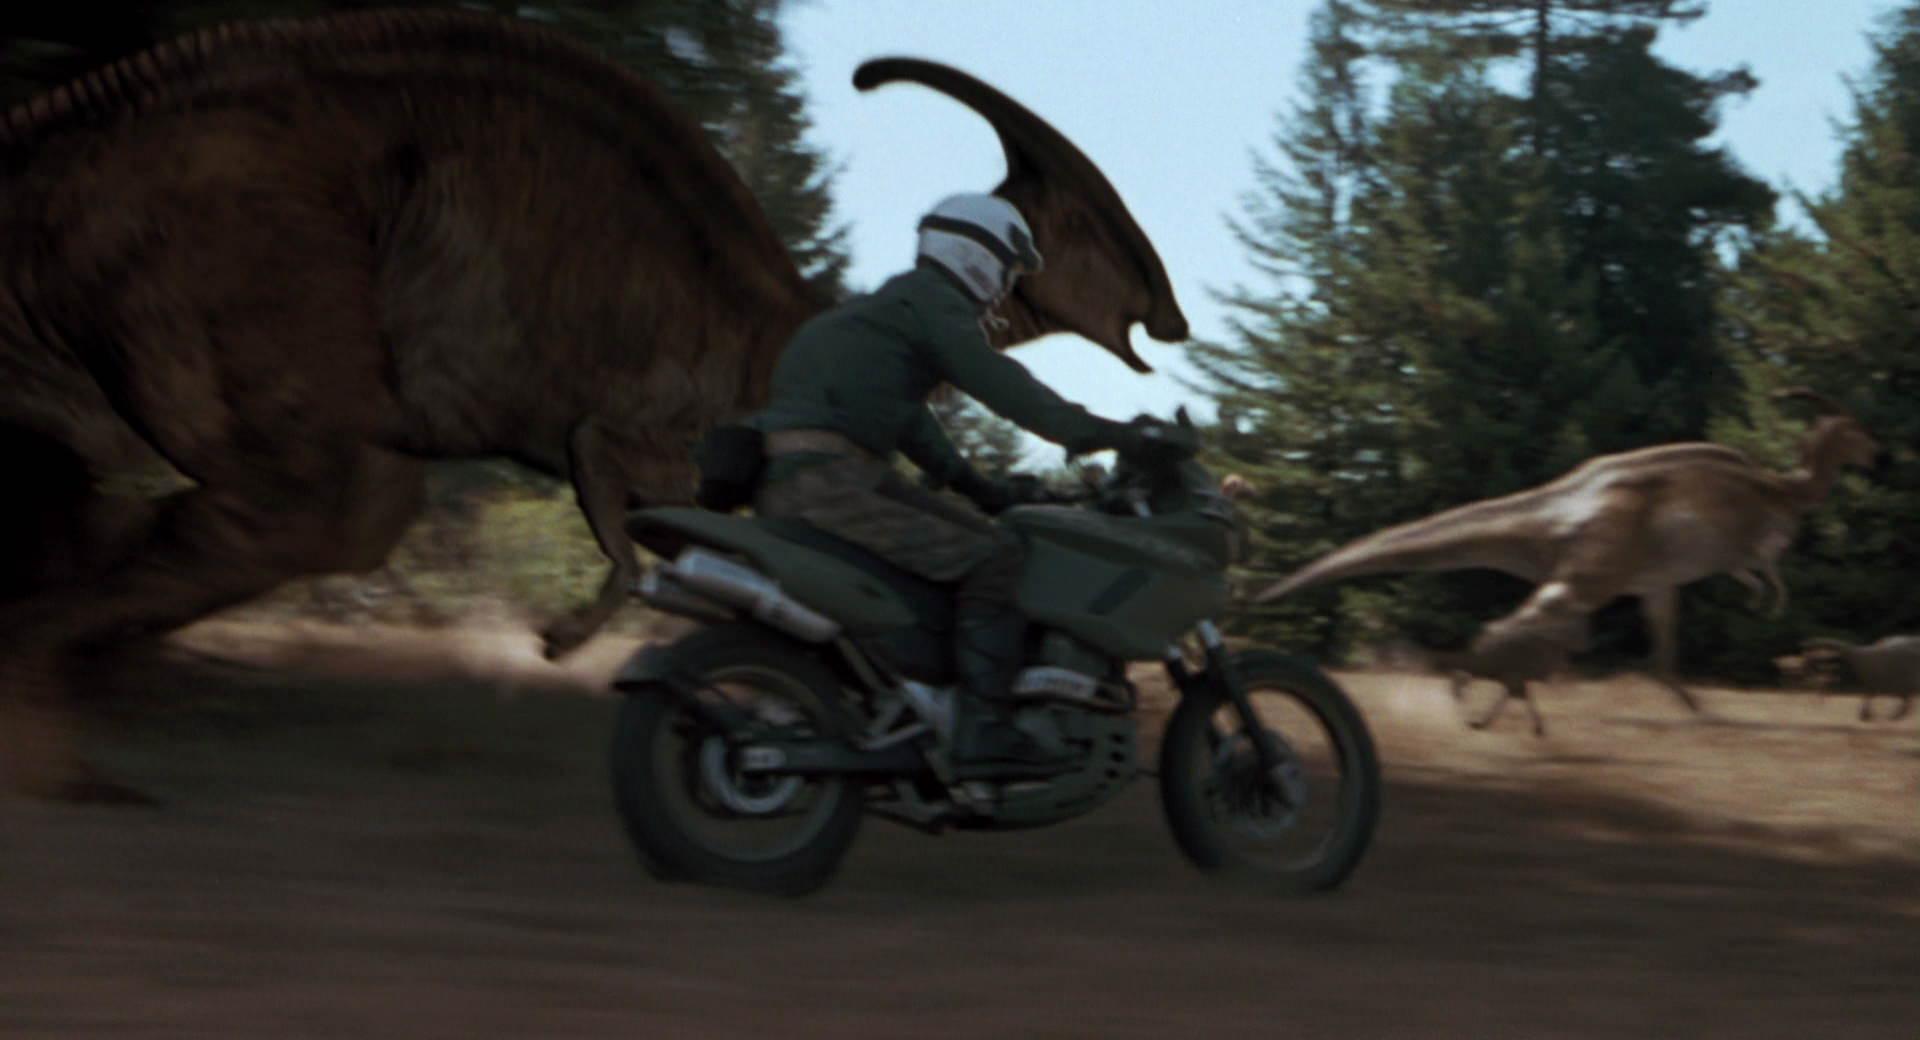 The Lost World Jurassic Park Screencaps are here Jurassic-lost-world-movie-screencaps.com-4141